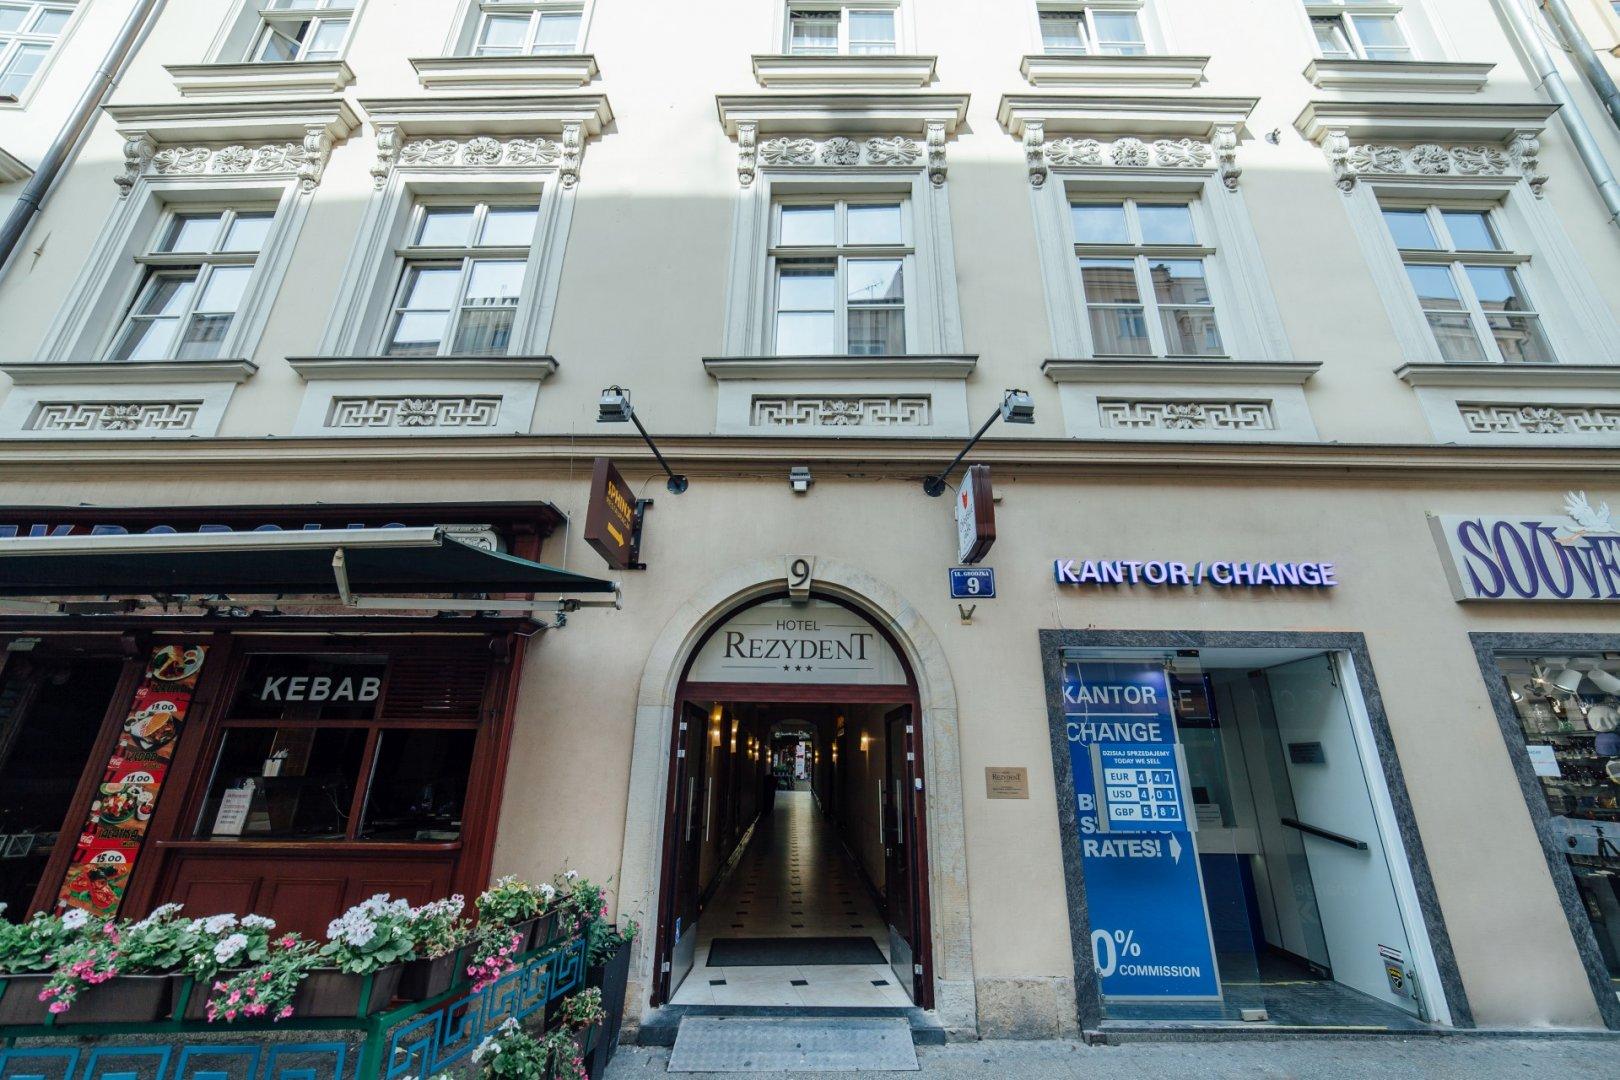 Rezydent Hotel